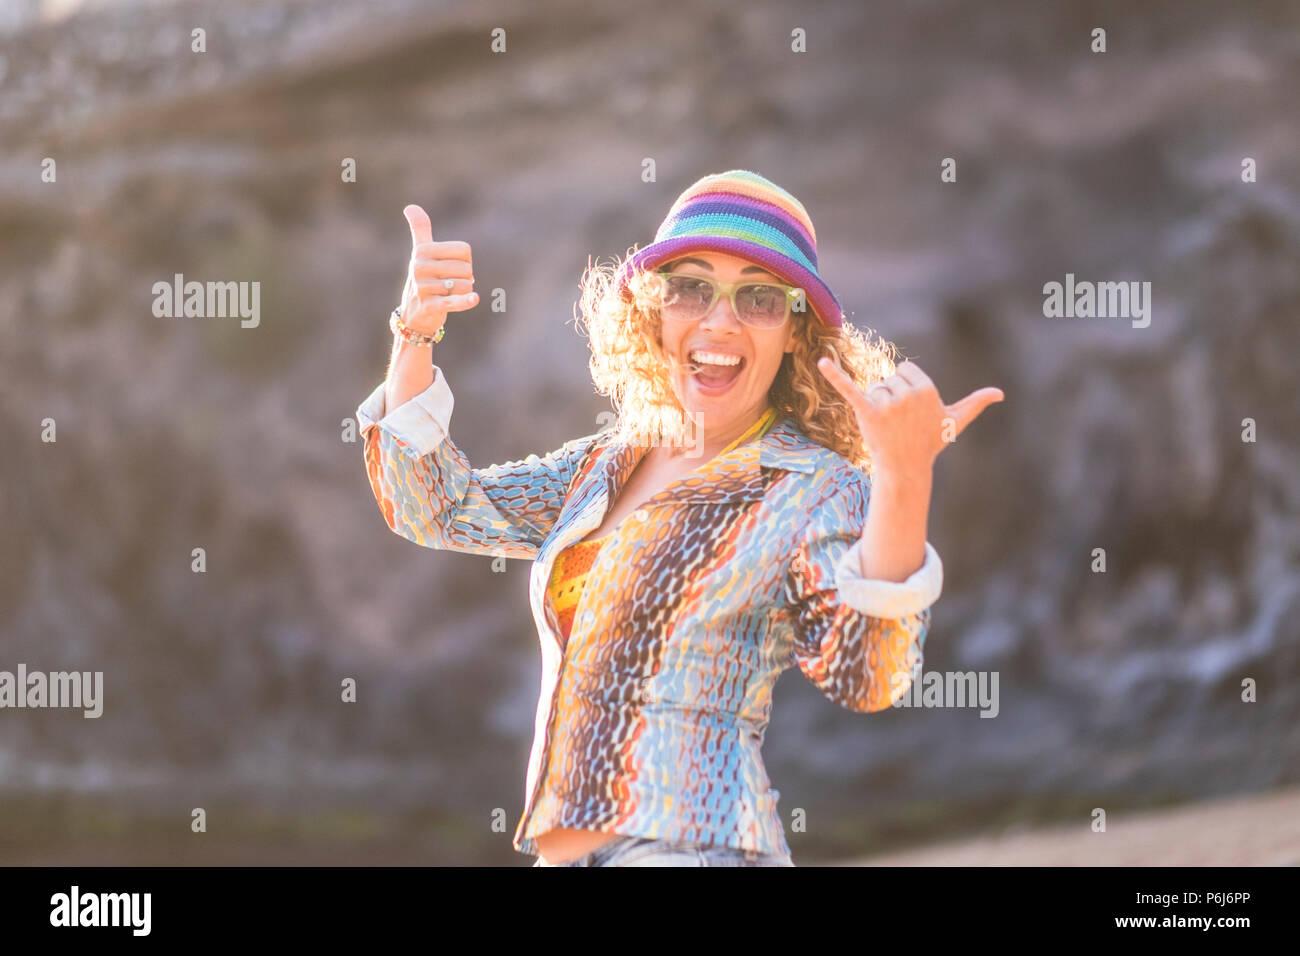 263eaeaa63444 Feliz bella modelo bajo el sol en vacaciones o actividad de ocio al aire  libre.